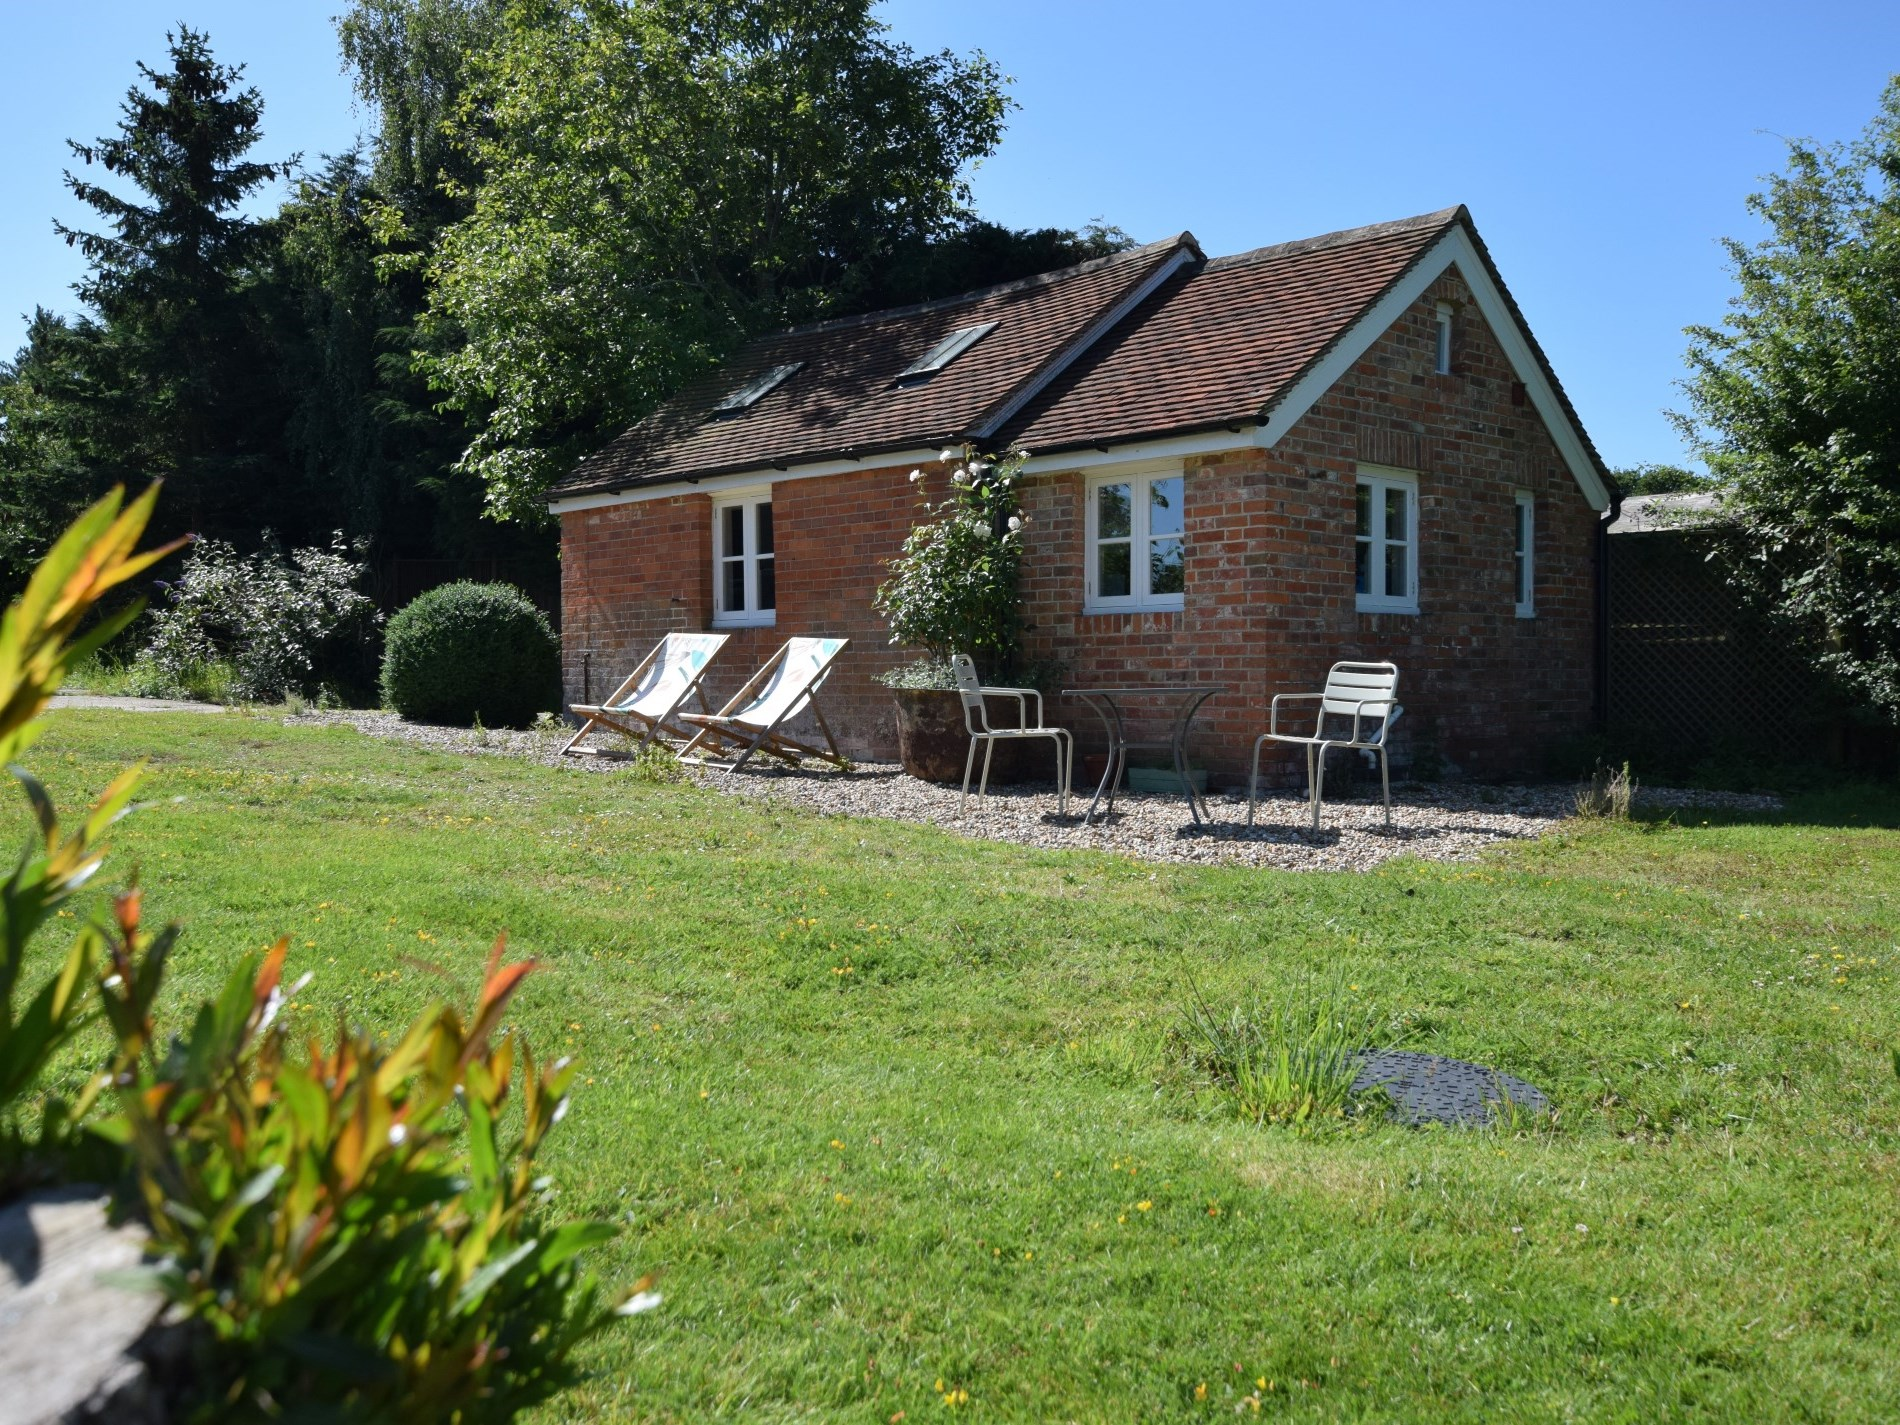 Ferienhaus in Wittersham